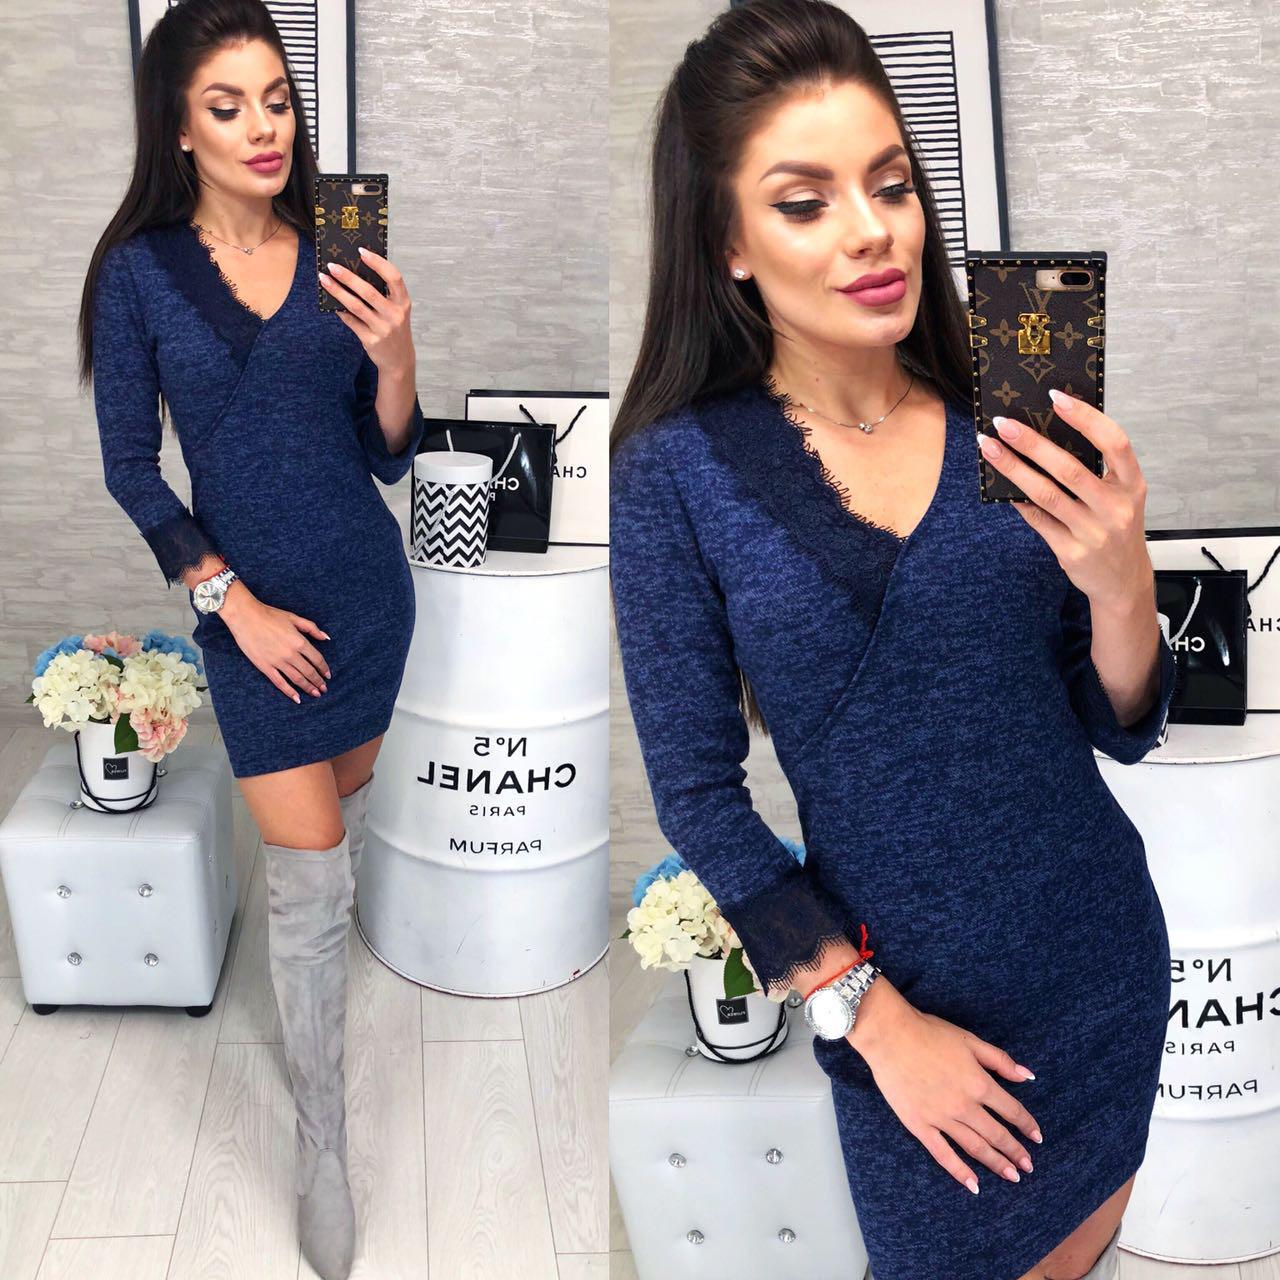 Сукня з мереживом, ангора, модель 126, колір - синій меланж